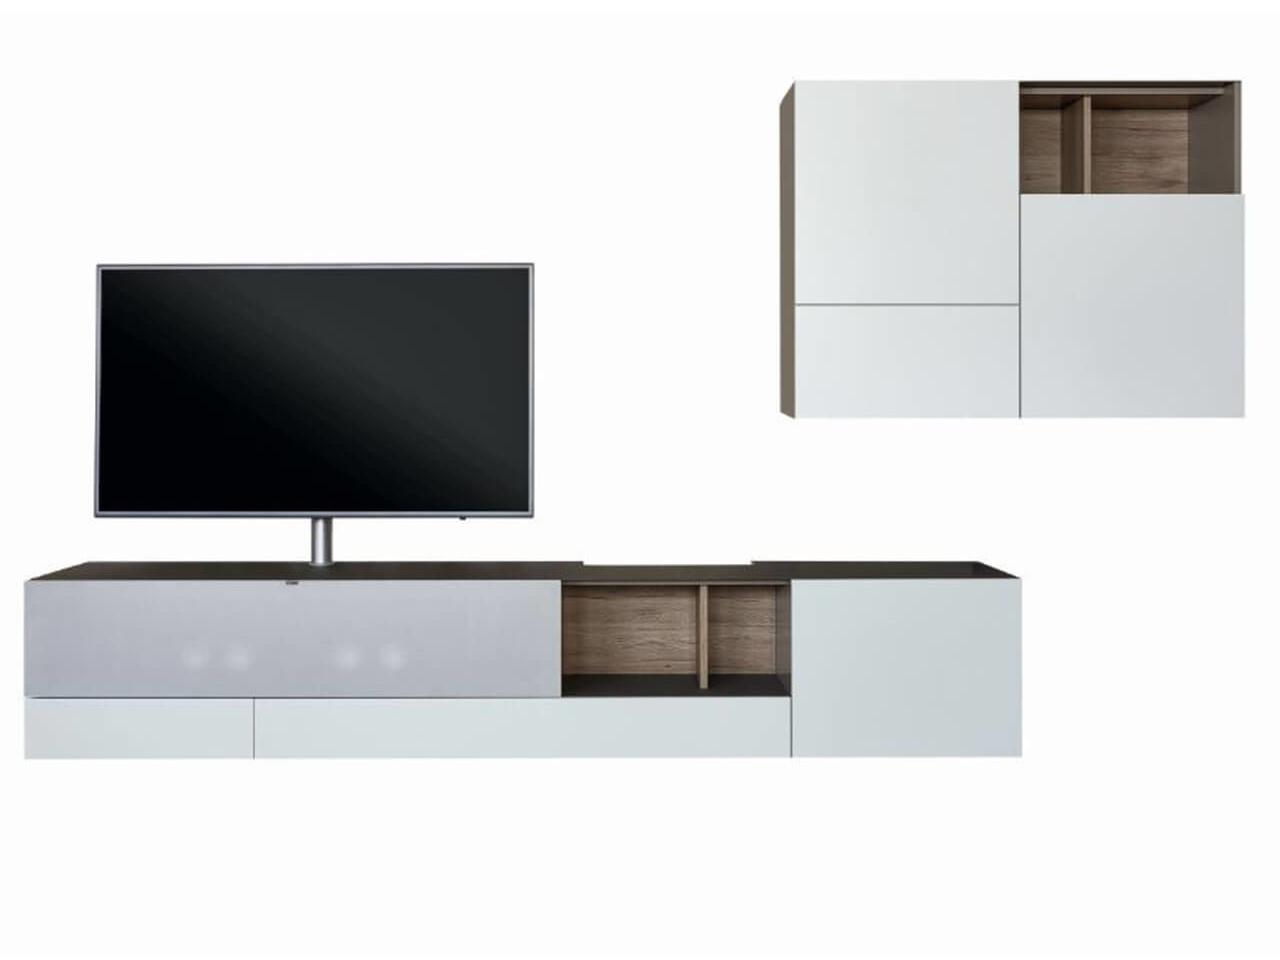 Wohnwand Raumfreunde Niba mit Soundbar - bestehend aus Lowboard un Hängeschrank, in weiß mit Absetzungen in Eiche - Ausstellungsstück im Abverkauf